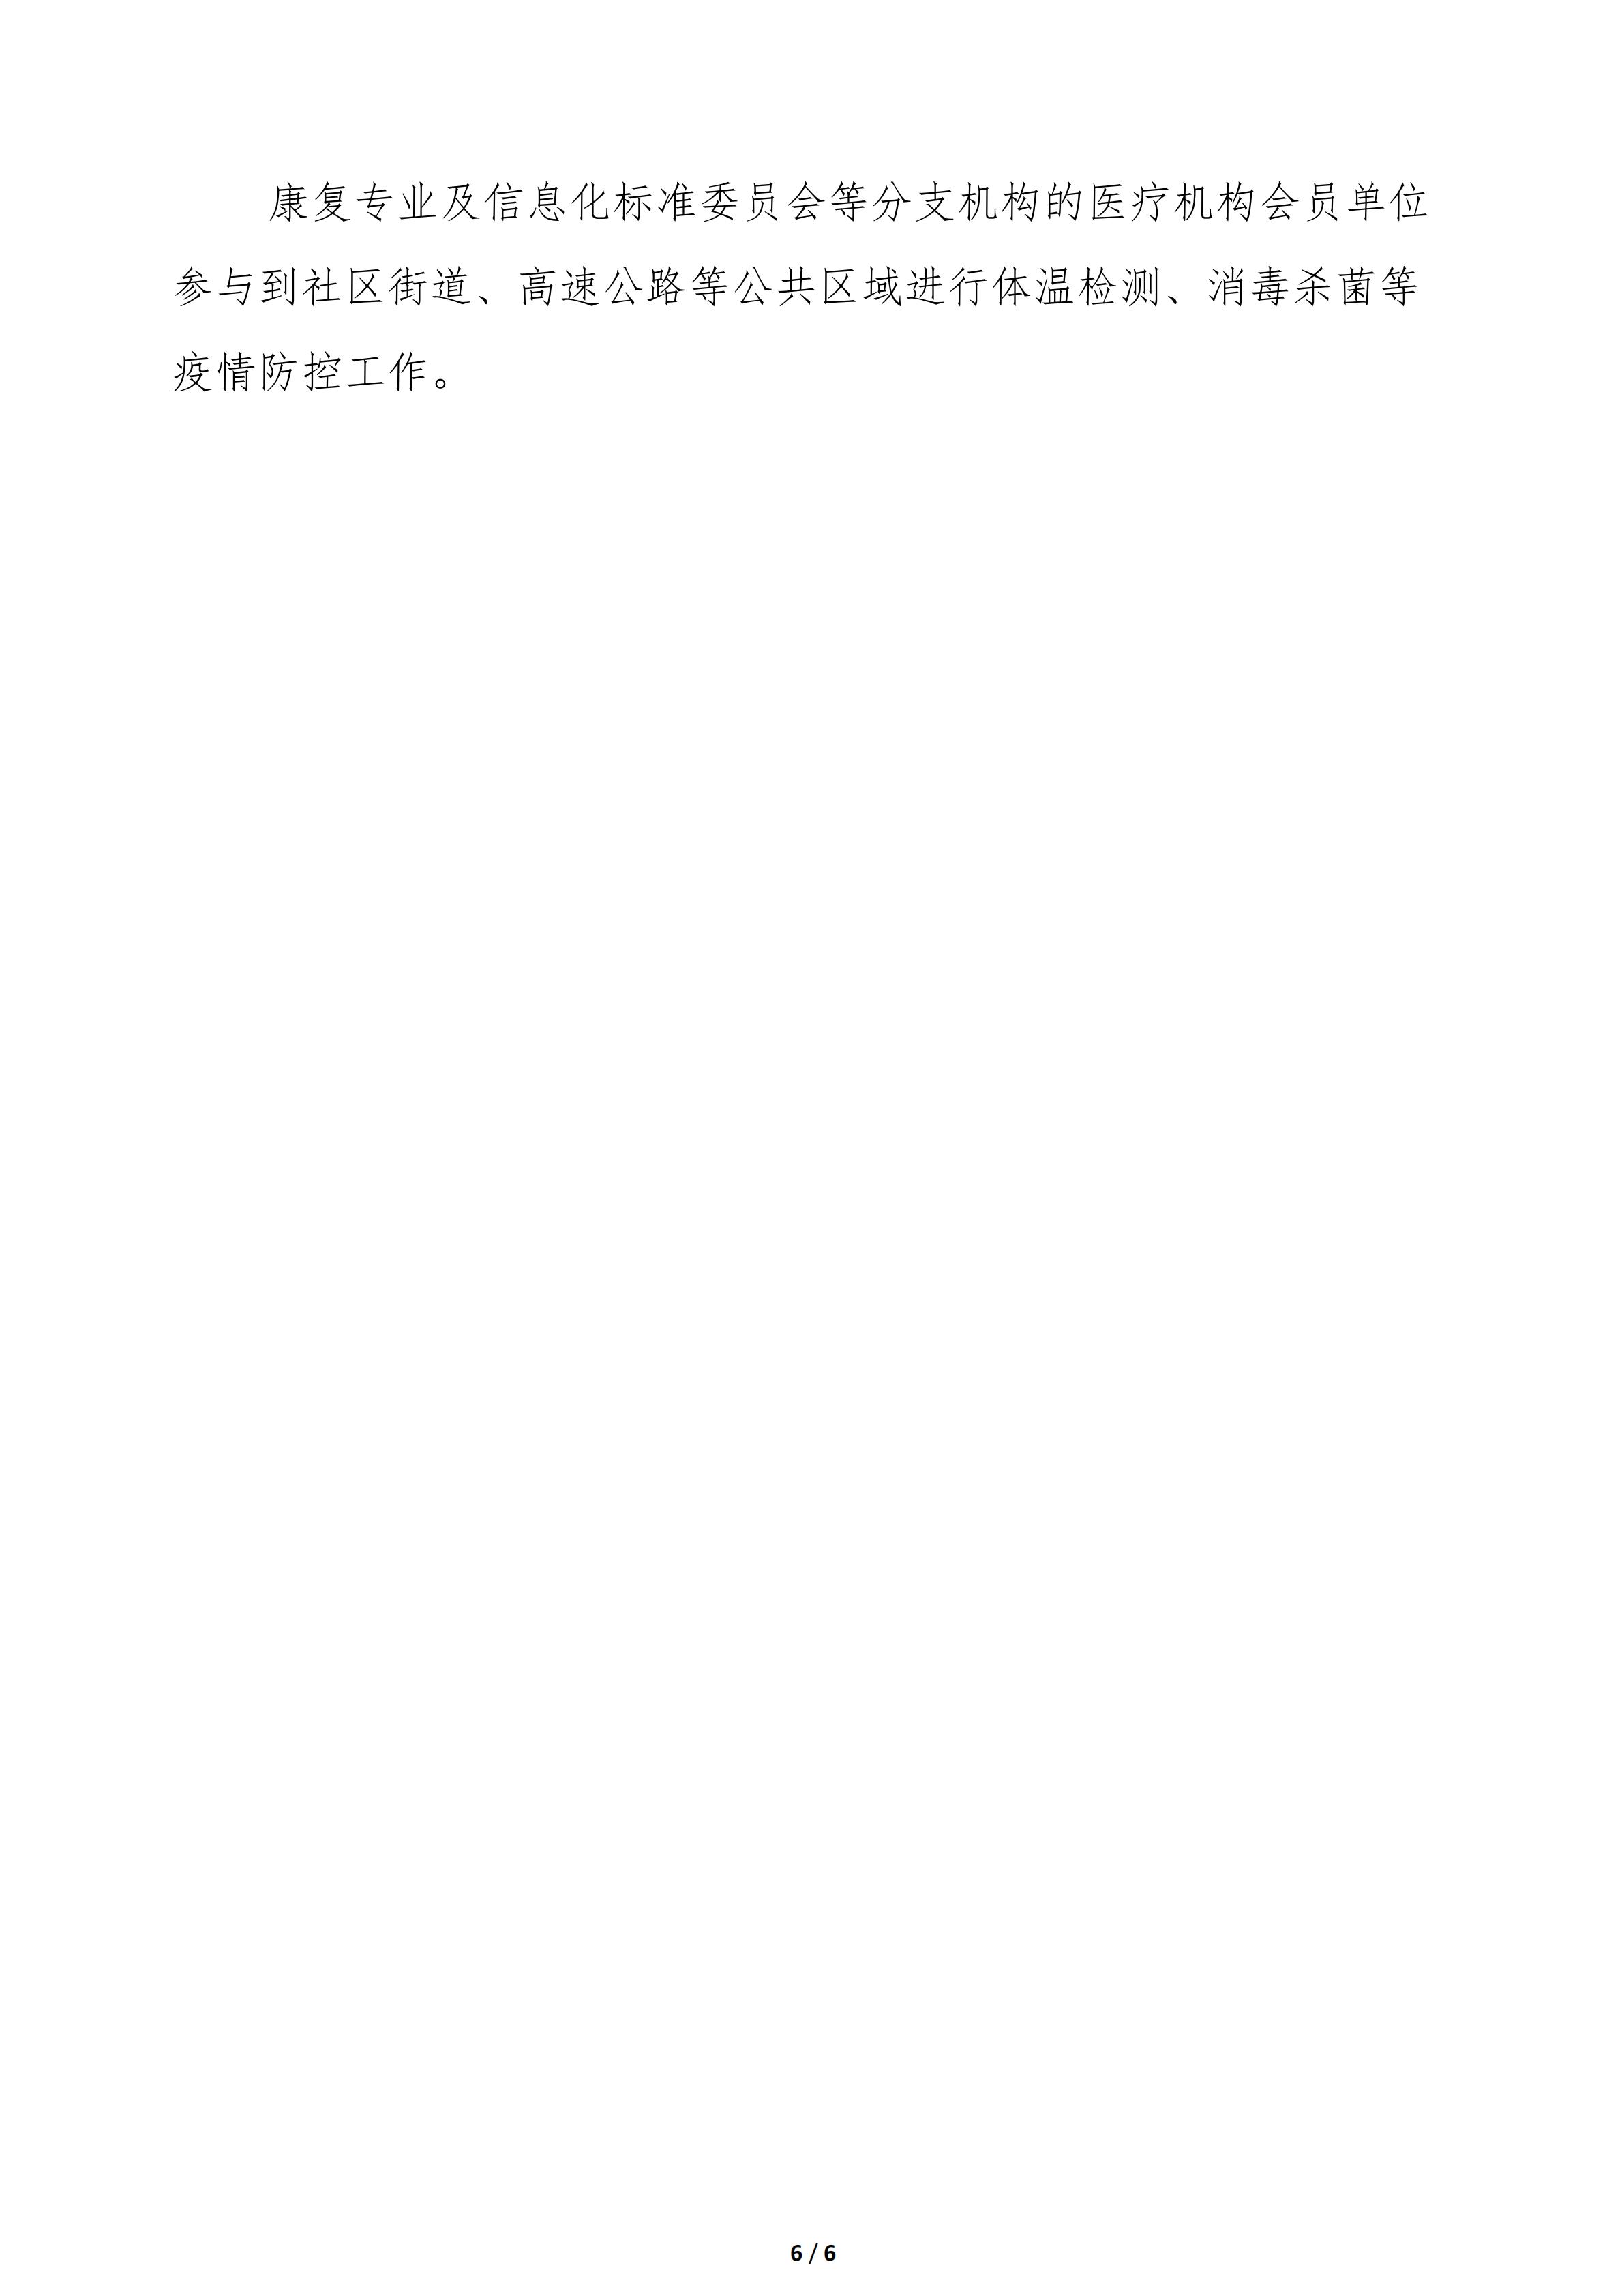 15号文疫情防控 我们在行动—中国卫生信息与健康医疗大数据学会关于参与新冠肺炎疫情防控工作汇报(一)_05.png